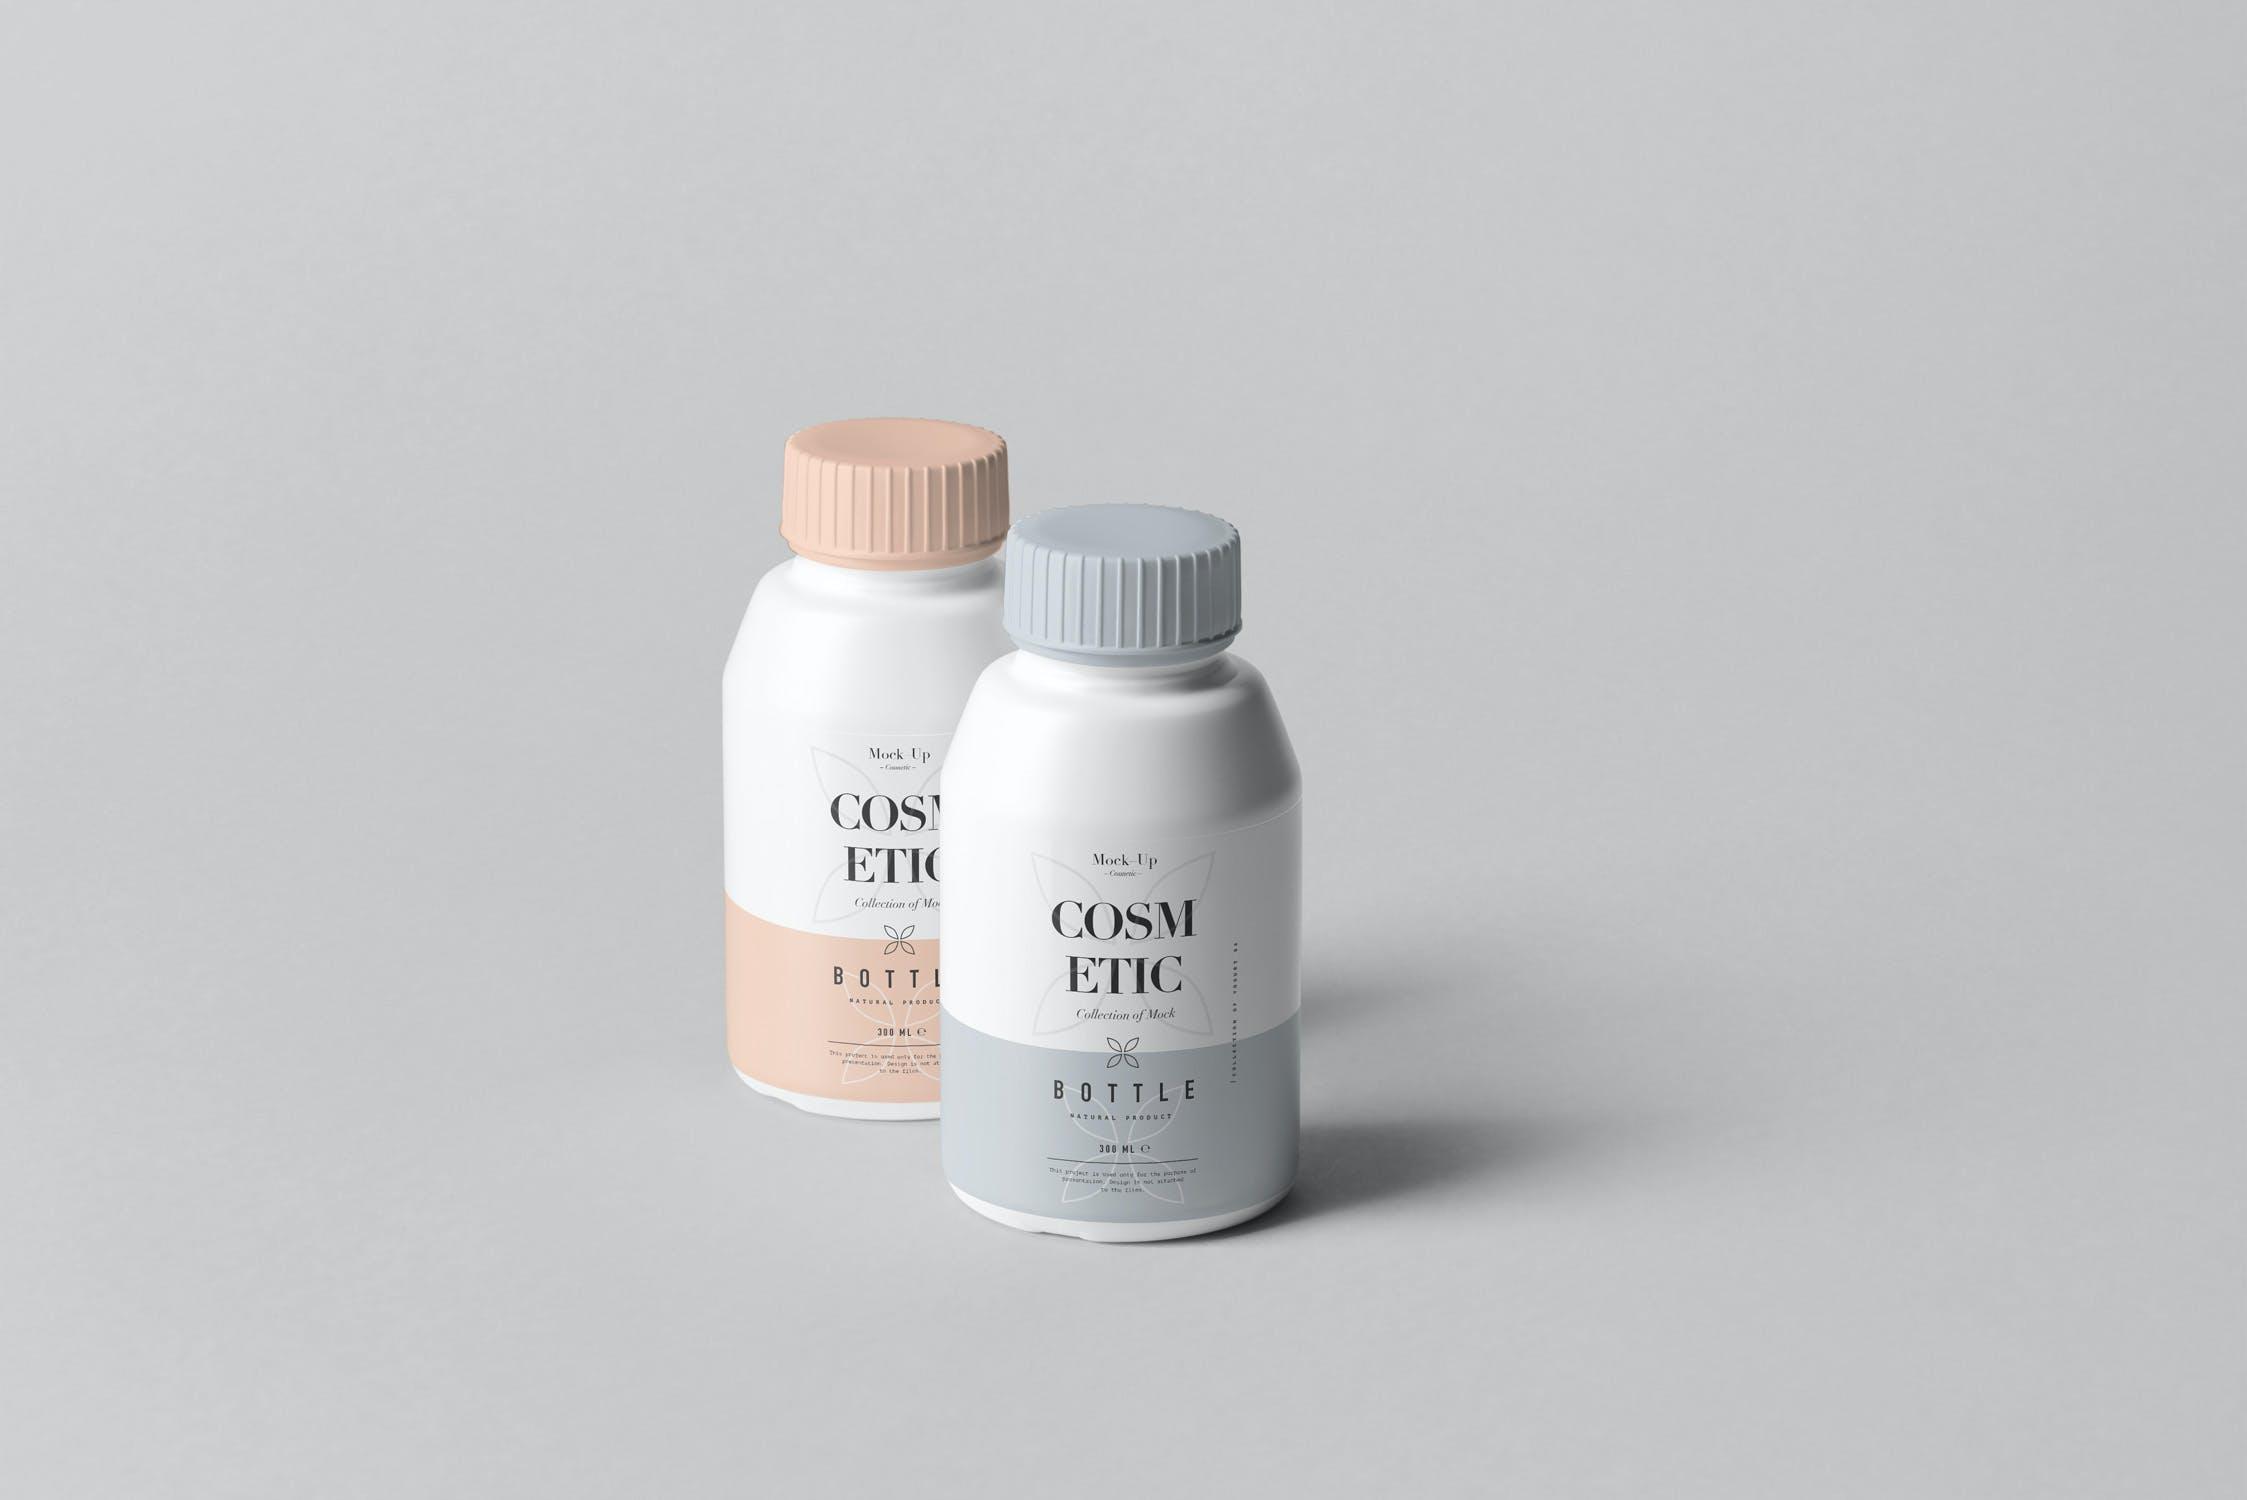 10款化妆品塑料包装罐设计展示样机PSD模板 Cosmetic Bottle Mockup 3插图(2)